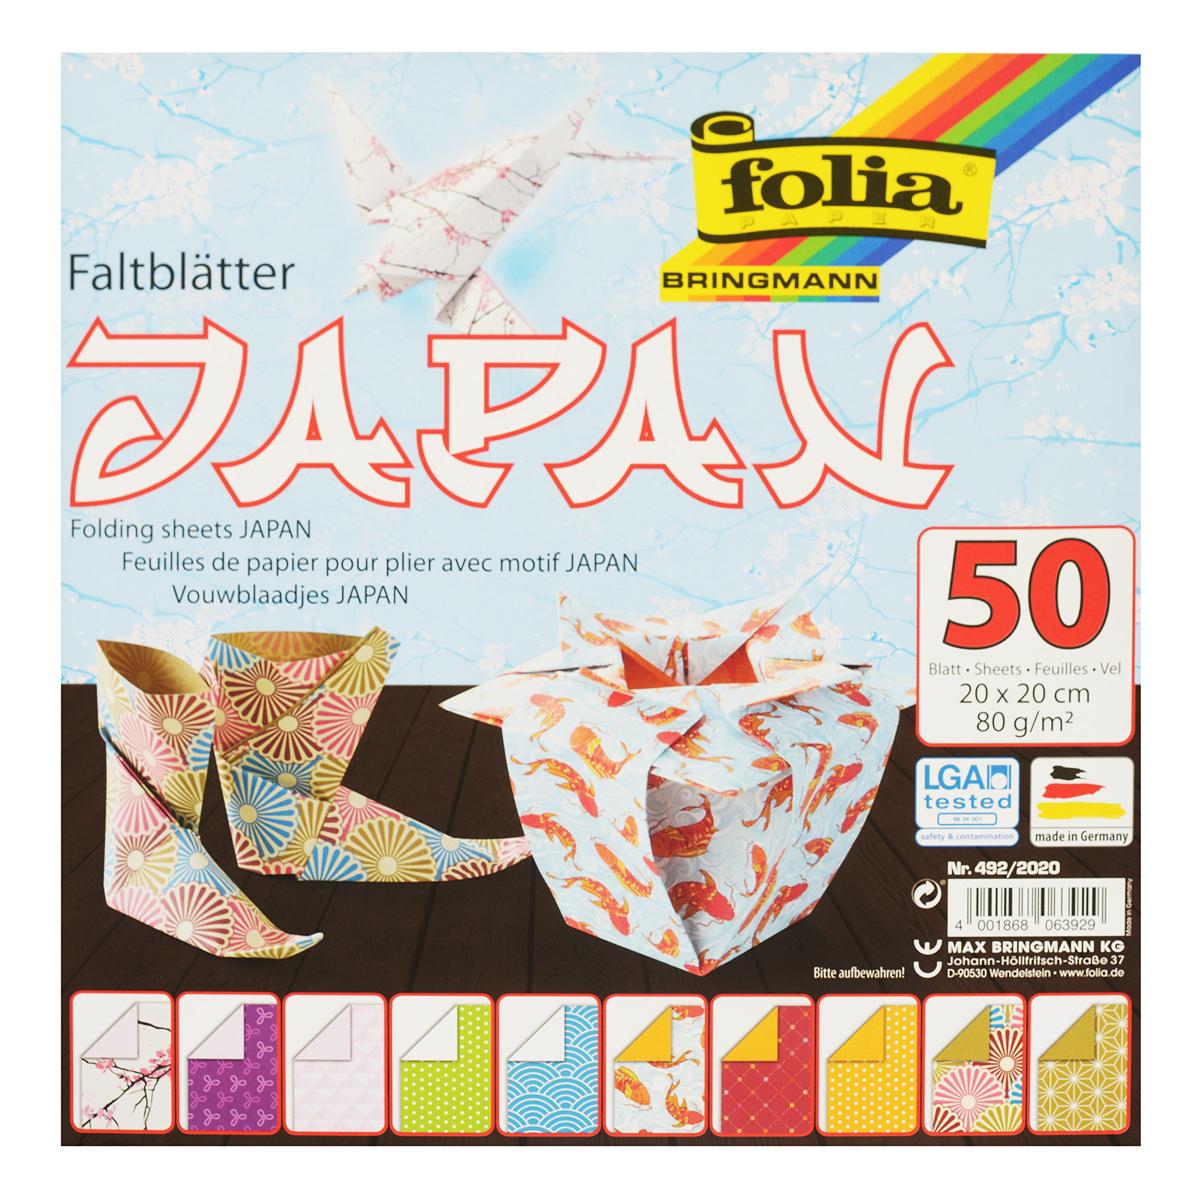 Бумага для оригами Folia Япония, цвет: сиреневый, голубой, желтый, 20 х 20 см, 50 листов55052Набор специальной цветной двусторонней бумаги для оригами Folia Япония содержит 50 листов разных цветов, которые помогут вам и вашему ребенку сделать яркие и разнообразные фигурки. В набор входит бумага десяти разных дизайнов. С одной стороны - бумага однотонная, с другой - оформлена оригинальными узорами и орнаментами. Эти листы можно использовать для оригами, украшения для садового подсвечника или для создания новогодних звезд. При многоразовом сгибании листа на бумаге не появляются трещины, так как она обладает очень высоким качеством. Бумага хорошо комбинируется с цветным картоном.За свою многовековую историю оригами прошло путь от храмовых обрядов до искусства, дарящего радость и красоту миллионам людей во всем мире. Складывание и художественное оформление фигурок оригами интересно заполнят свободное время, доставят огромное удовольствие, радость и взрослым и детям. Увлекательные занятия оригами развивают мелкую моторику рук, воображение, мышление, воспитывают волевые качества и совершенствуют художественный вкус ребенка.Плотность бумаги: 80 г/м2.Размер листа: 20 см х 20 см.